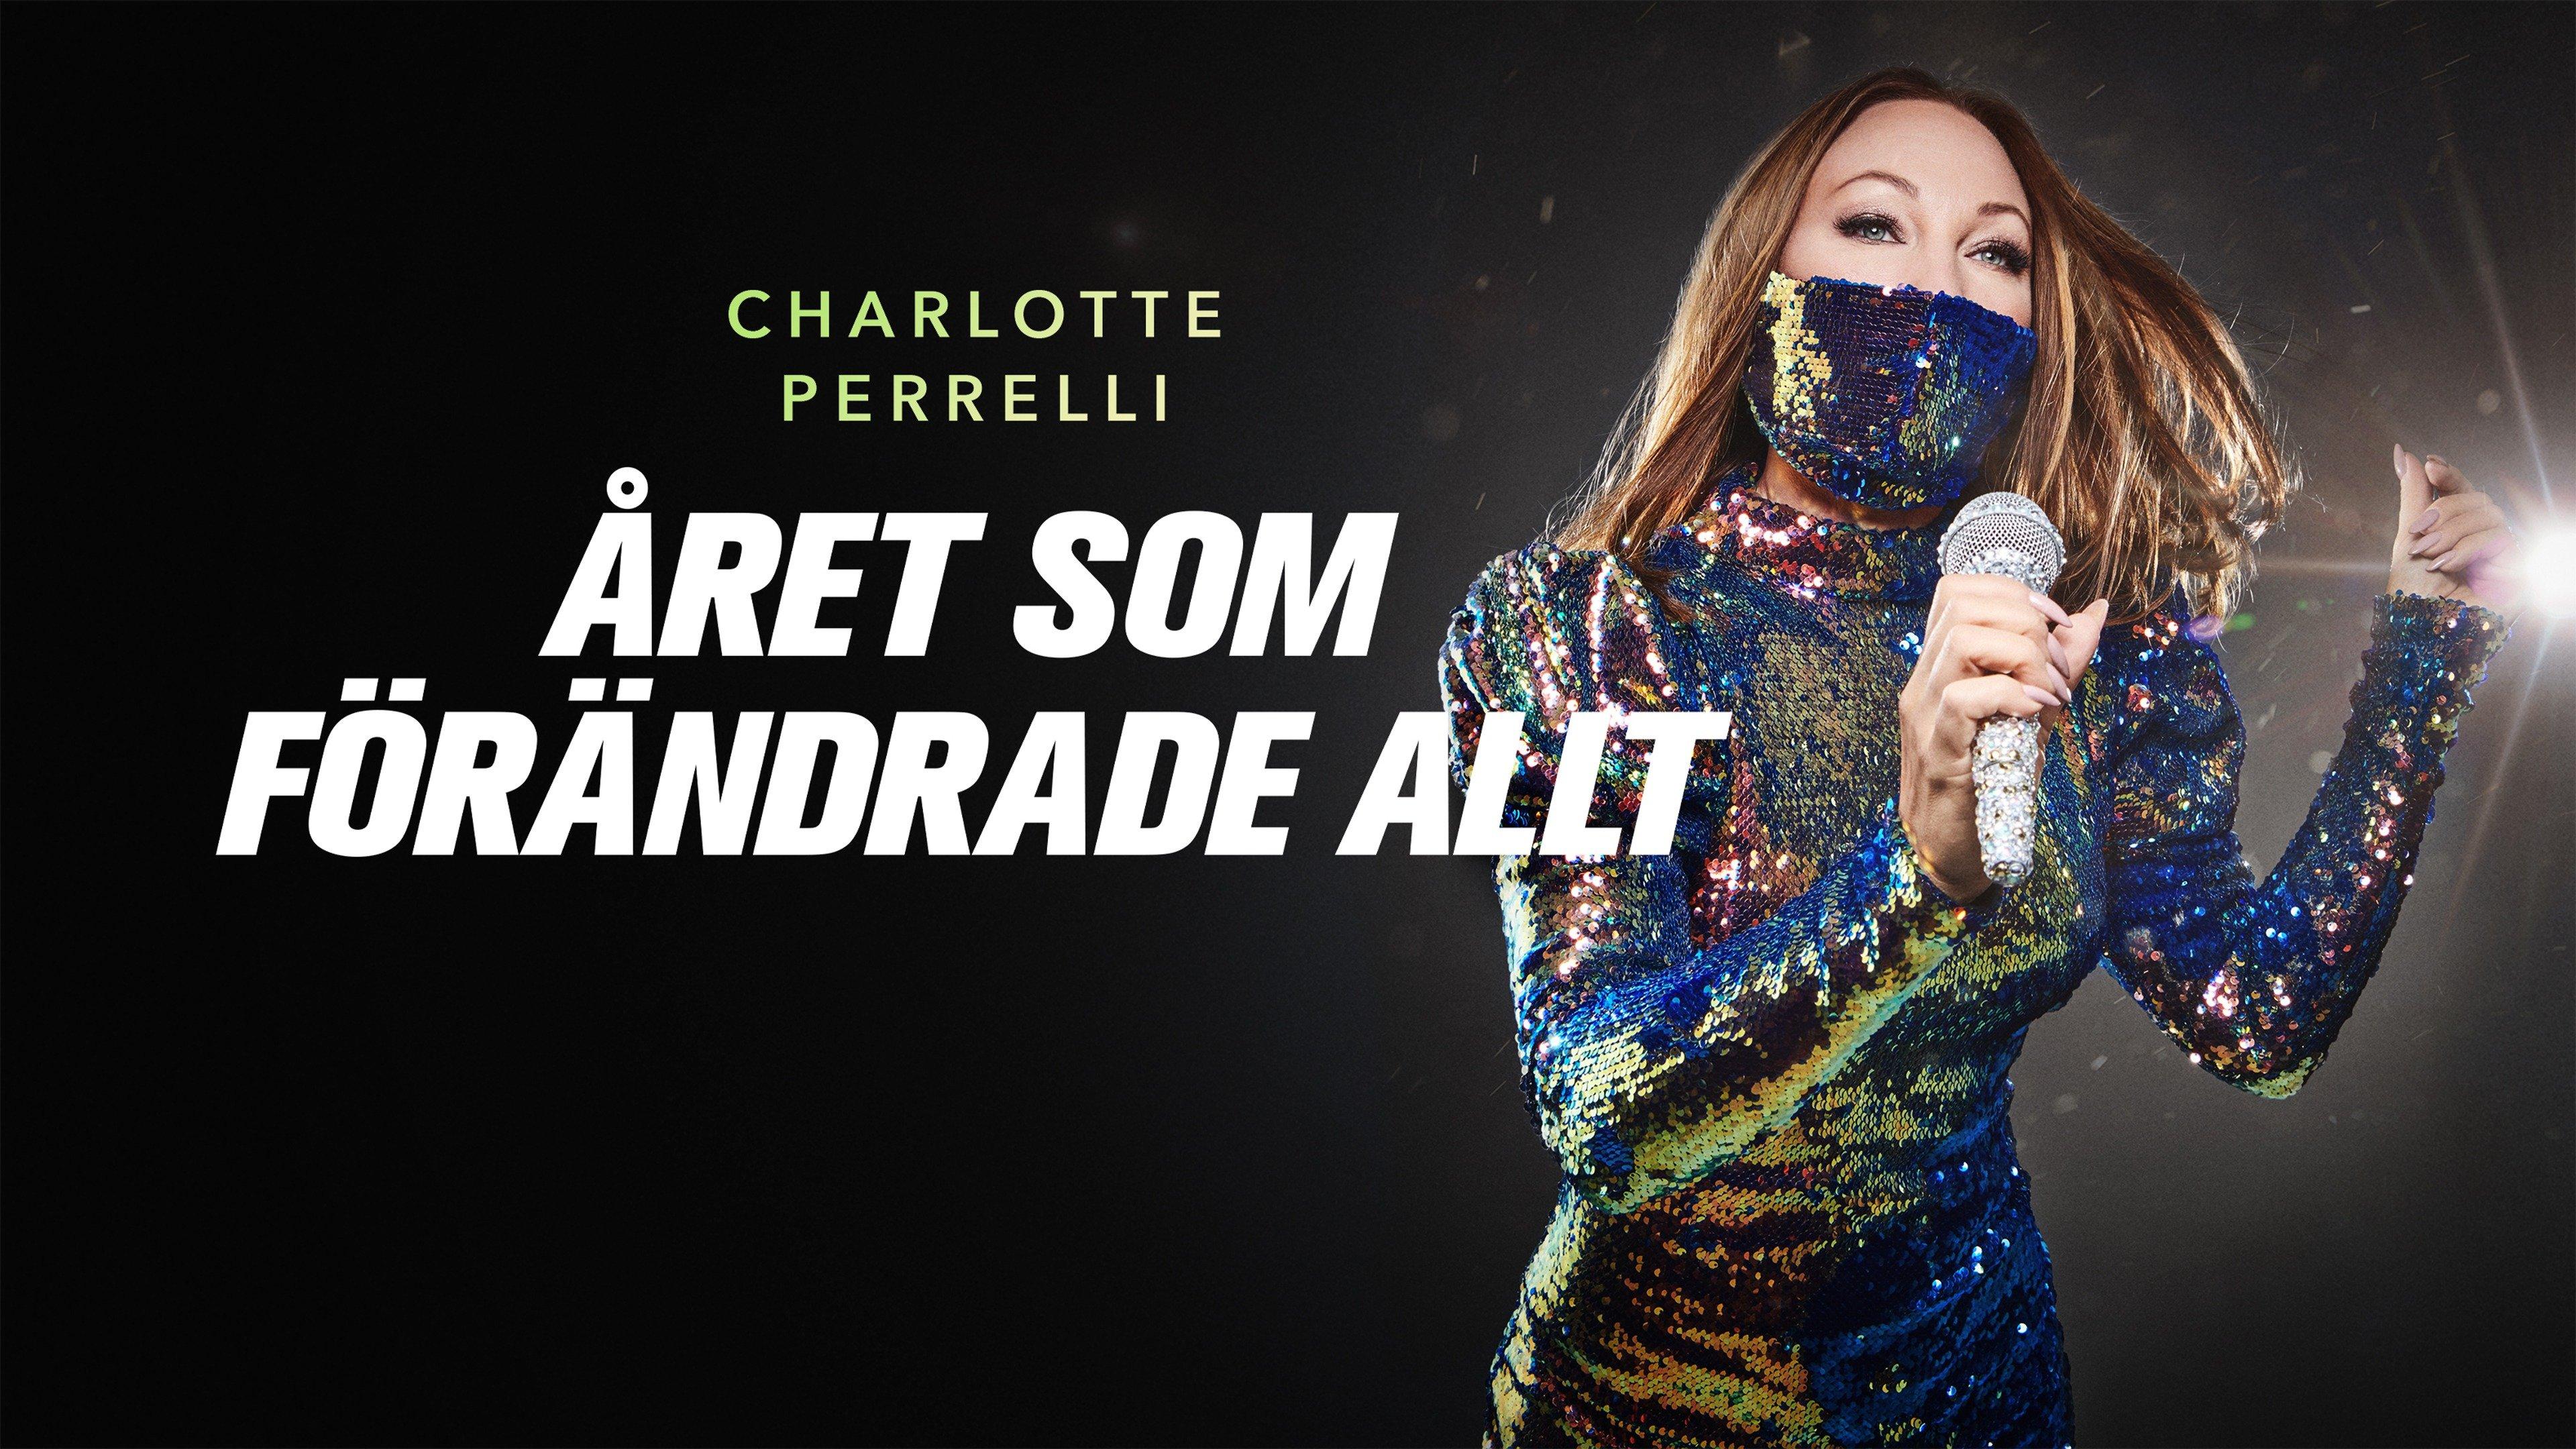 Charlotte Perrelli: Året som förändrade allt